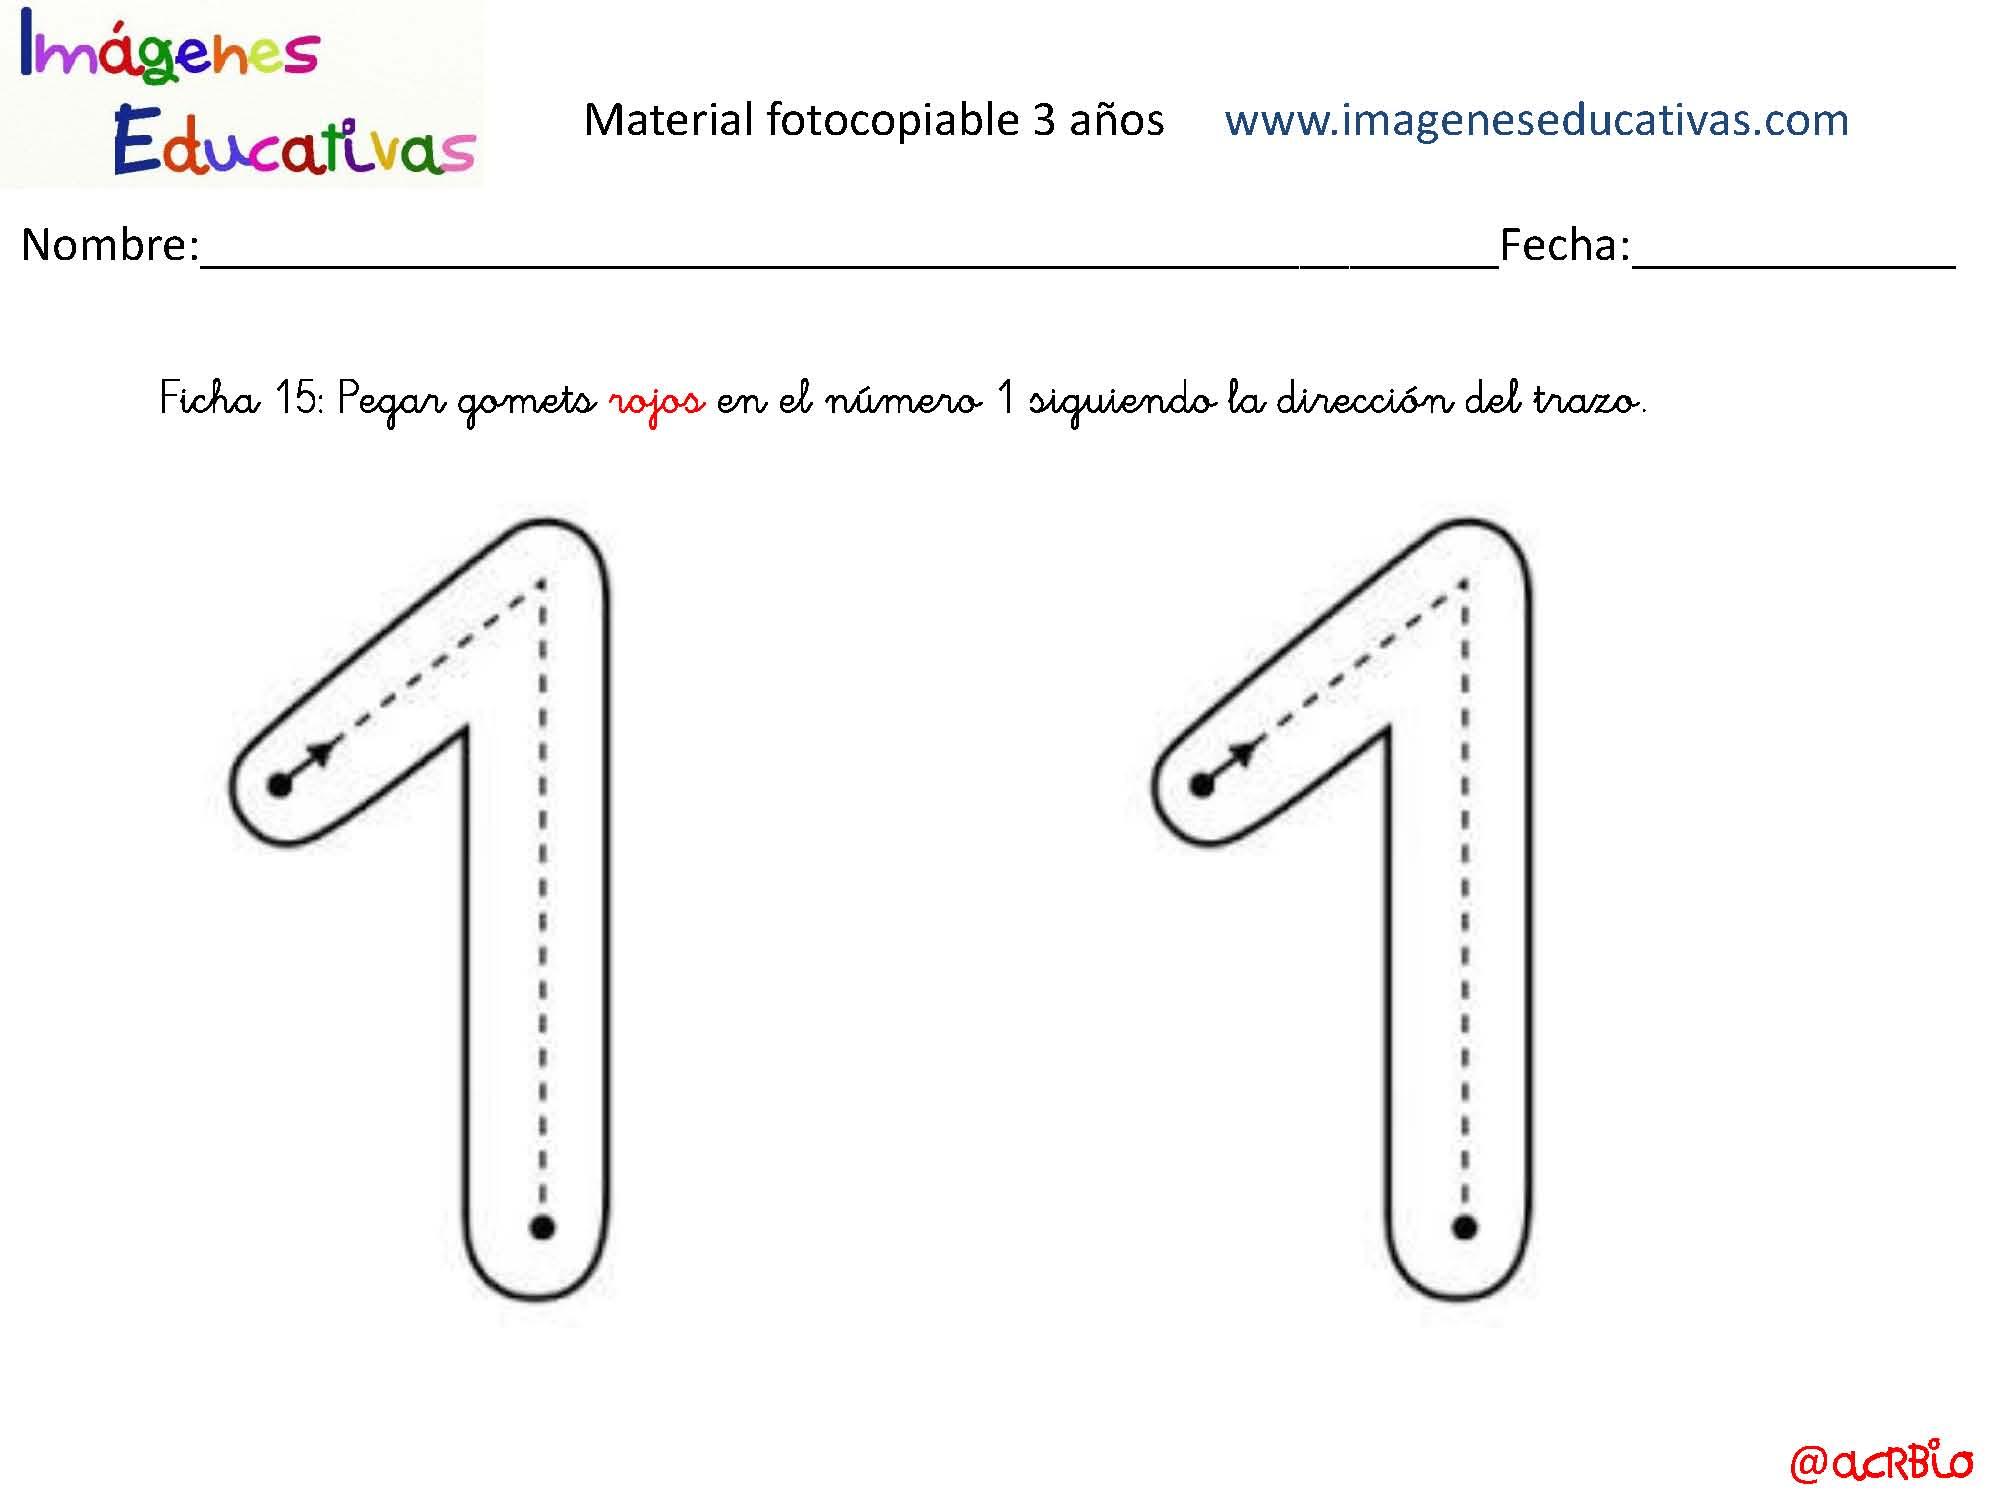 Fichas_Página_16 - Imagenes Educativas